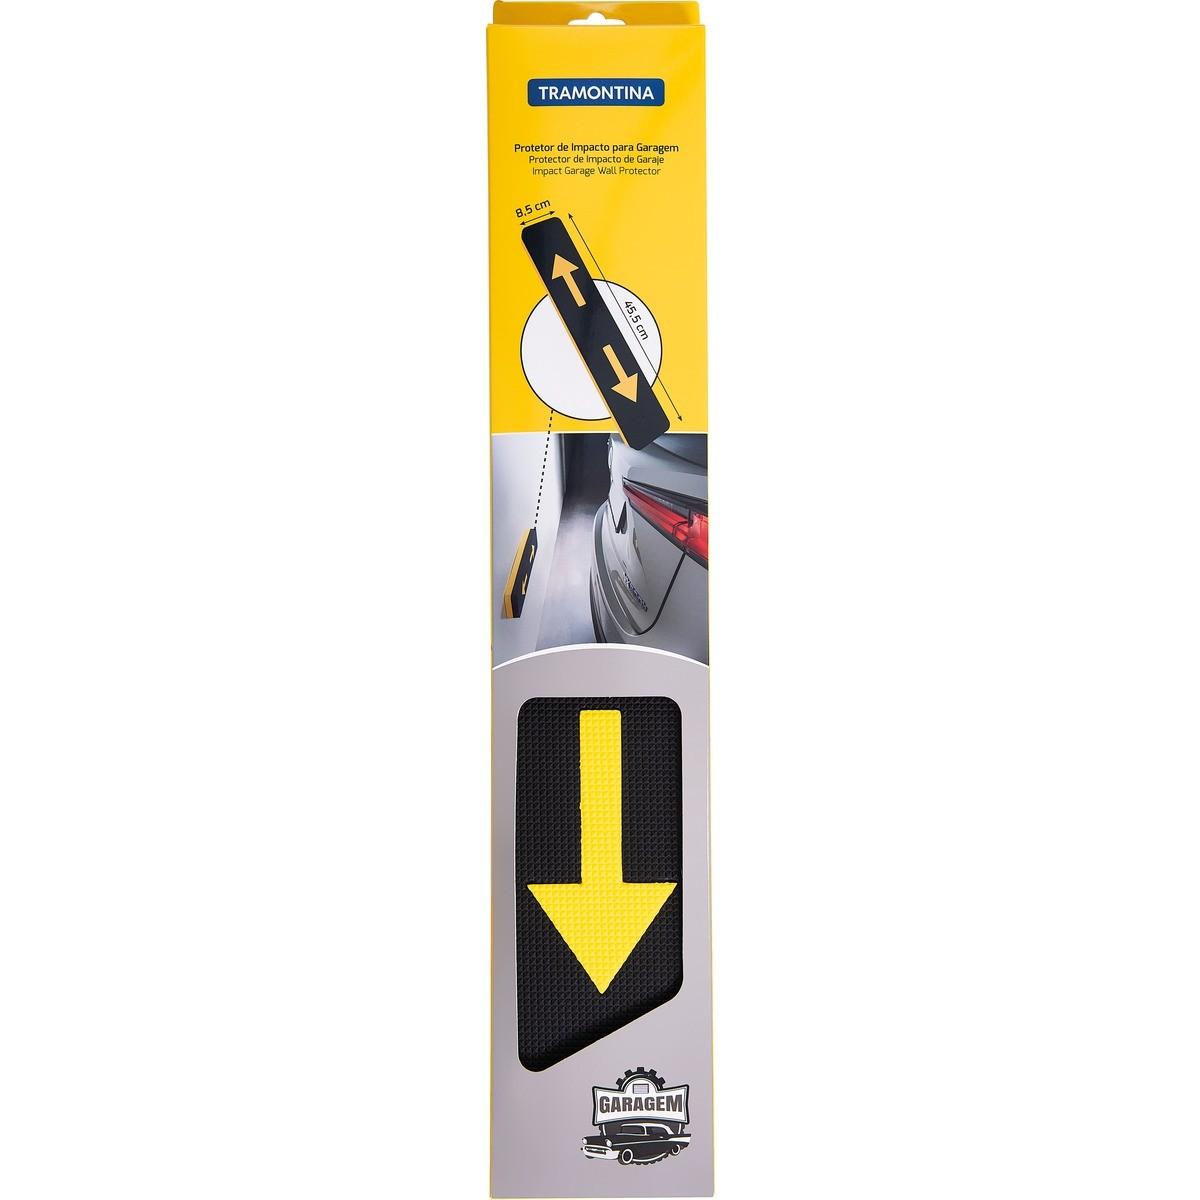 Protetor de Impacto para Garagem - 45,5cm x 8,5cm - TRAMONTINA